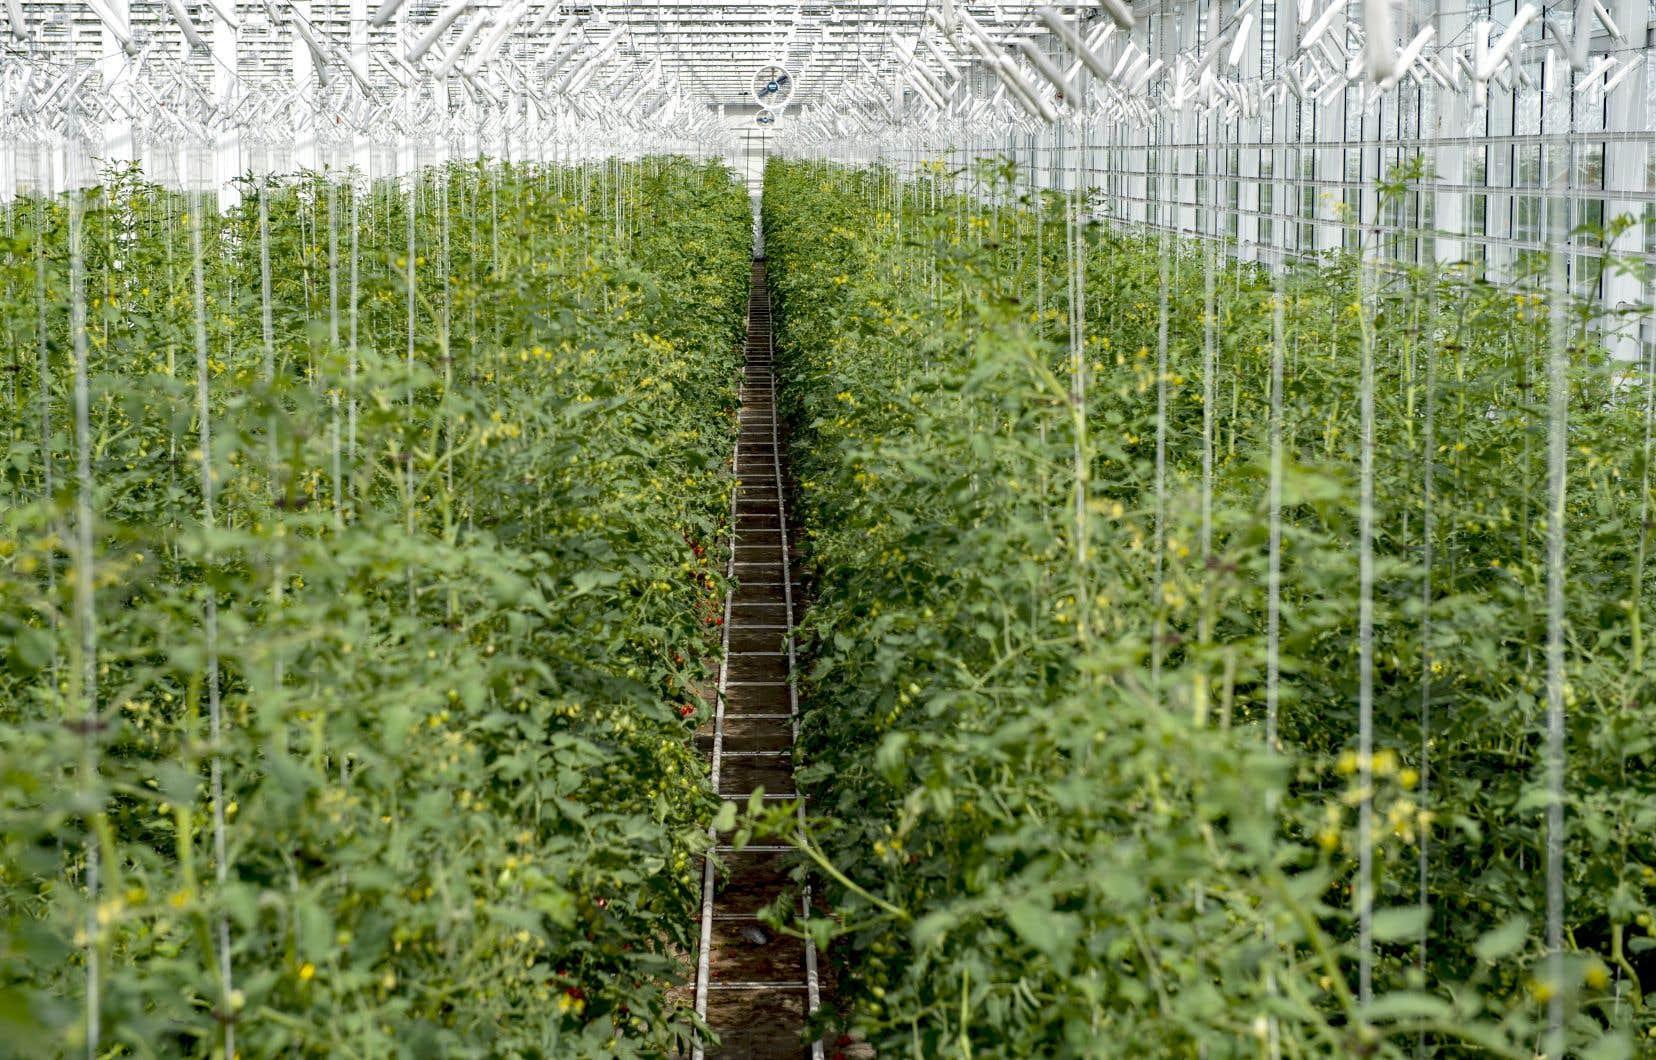 Le nouveau Programme de soutien au développement des entreprises serricoles pourra couvrir jusqu'à 50% des frais d'agrandissement et d'amélioration de serres, jusqu'à concurrence de 600 000$ par demandeur.